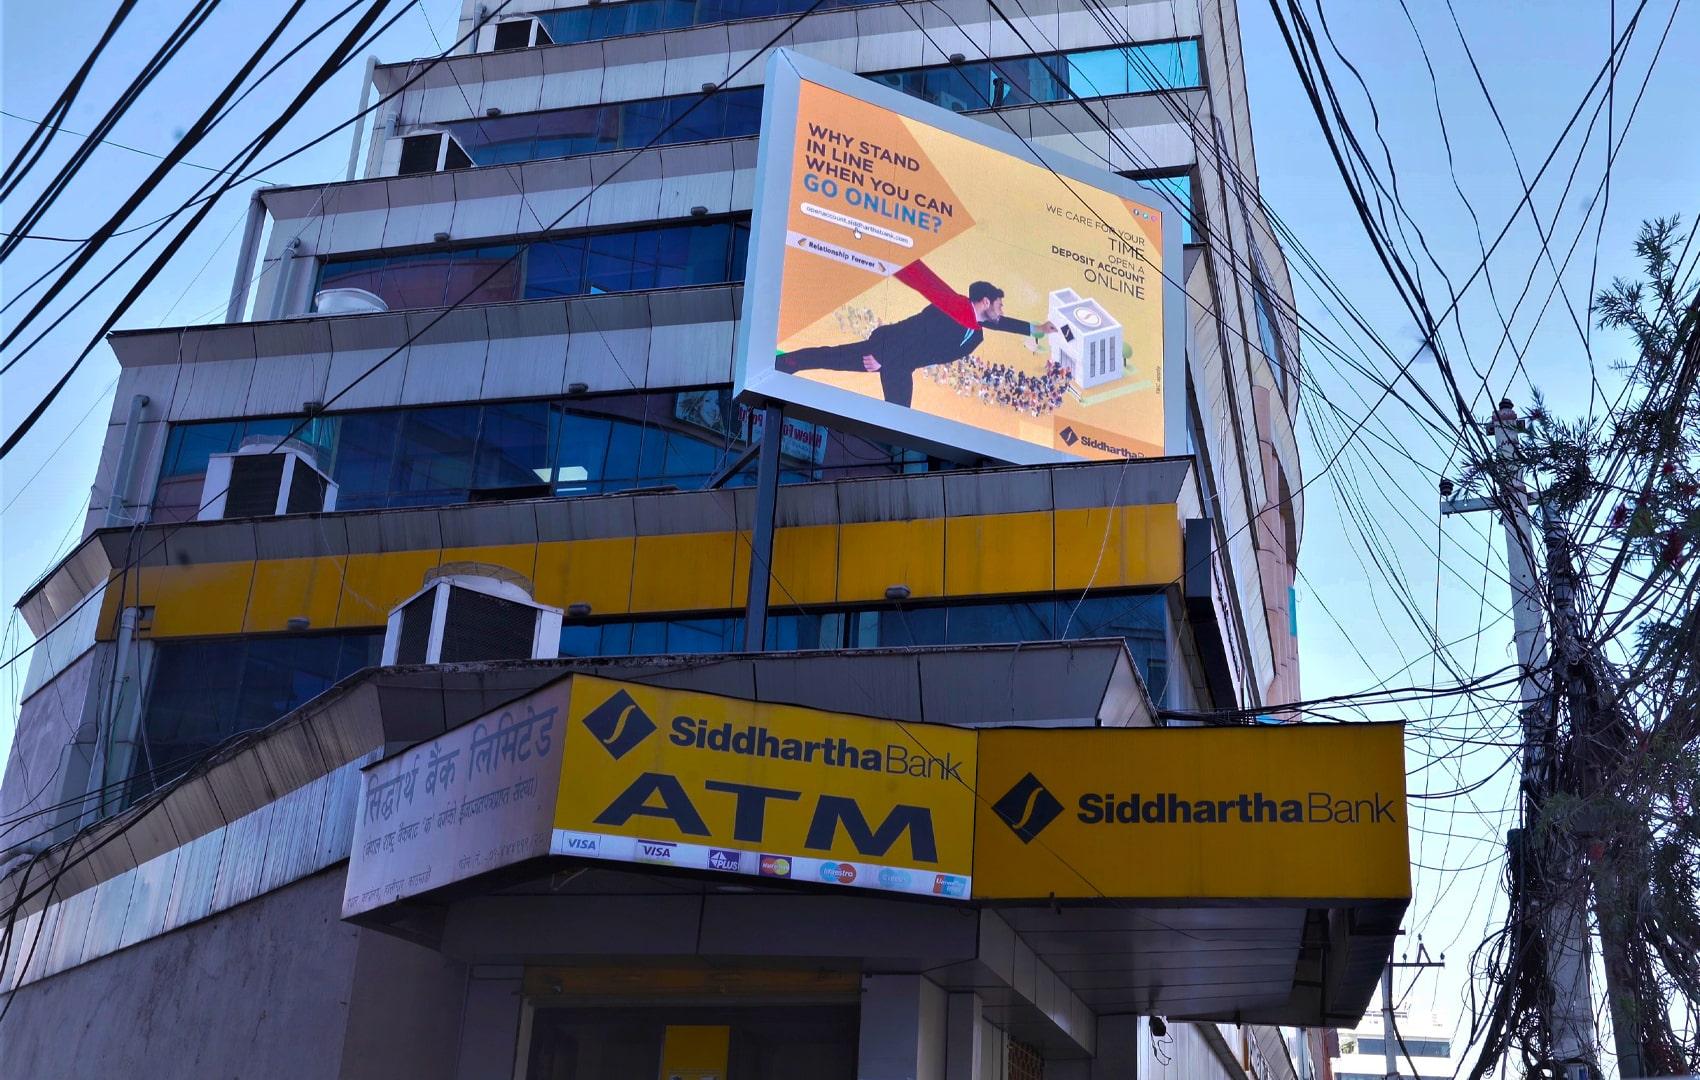 Siddhartha Bank, Hattisar